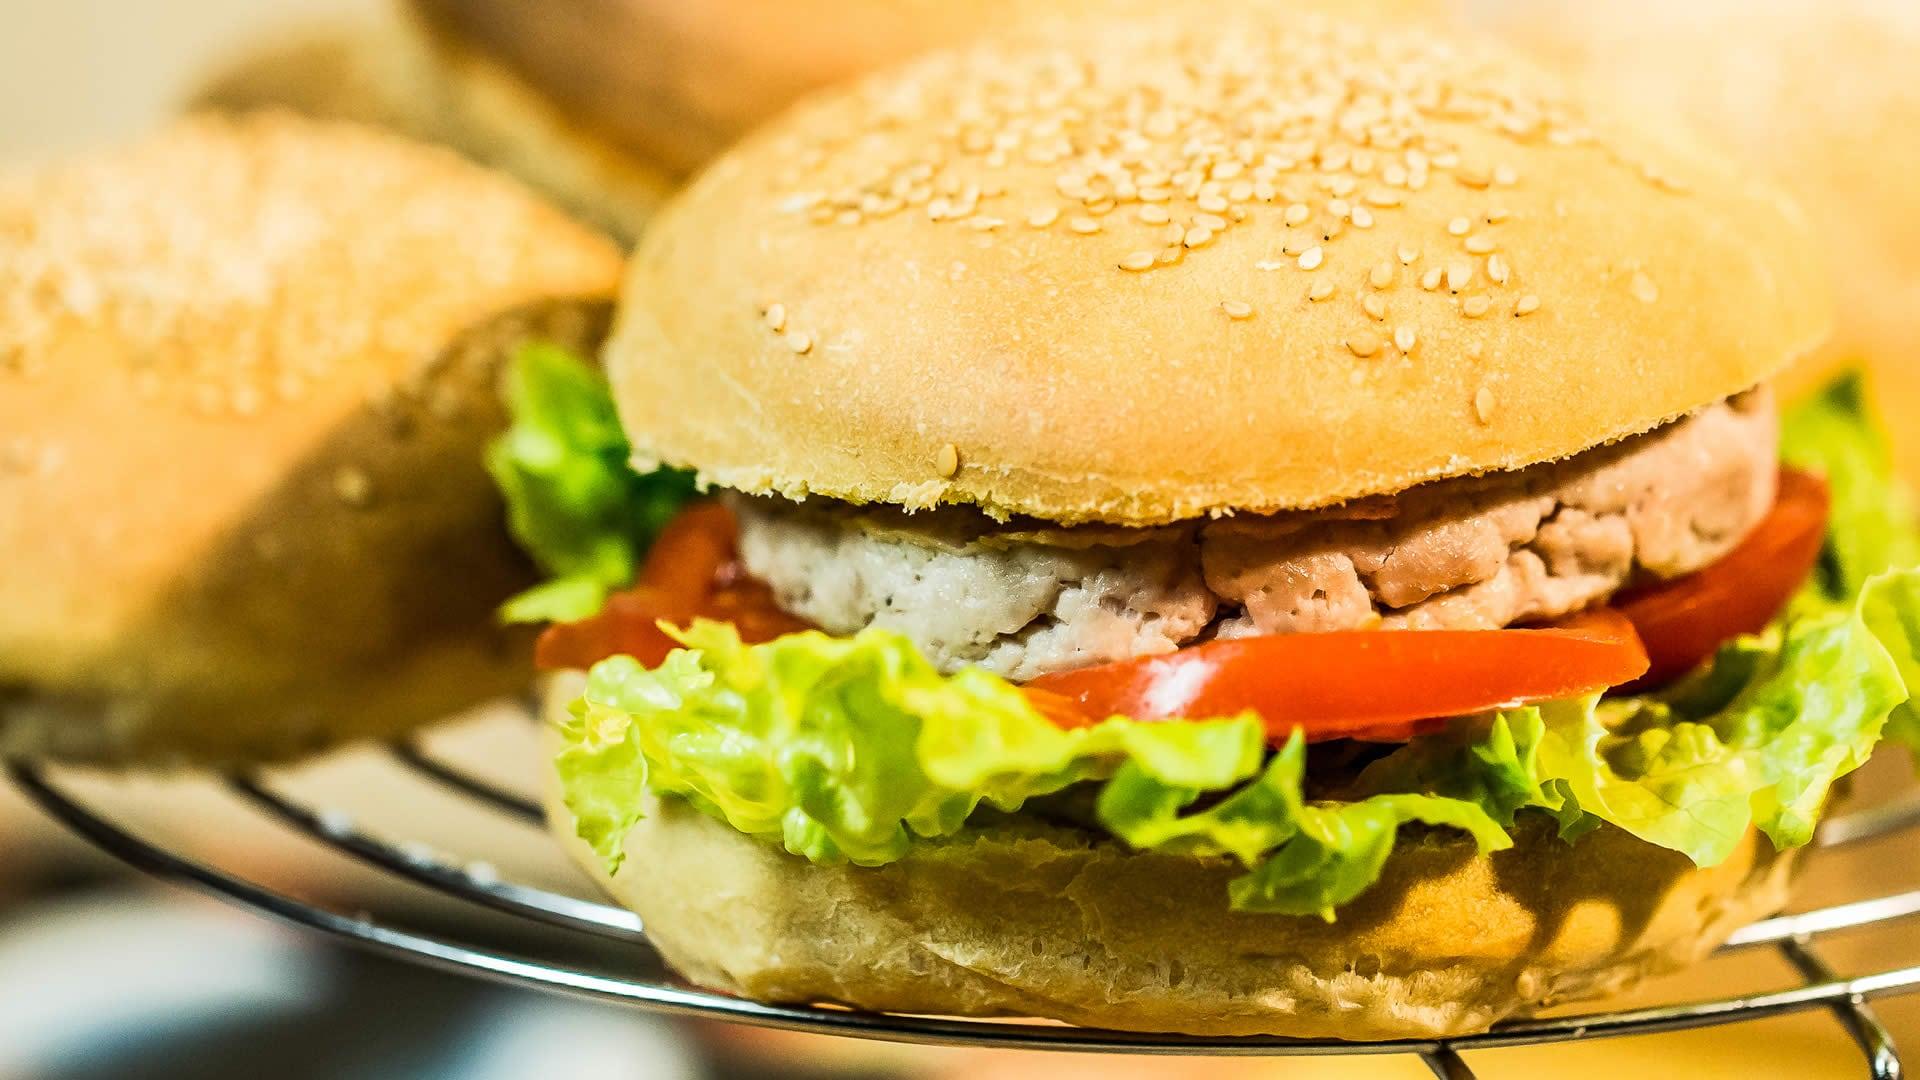 Foto Panini per Hamburger o Pane da Sandwich